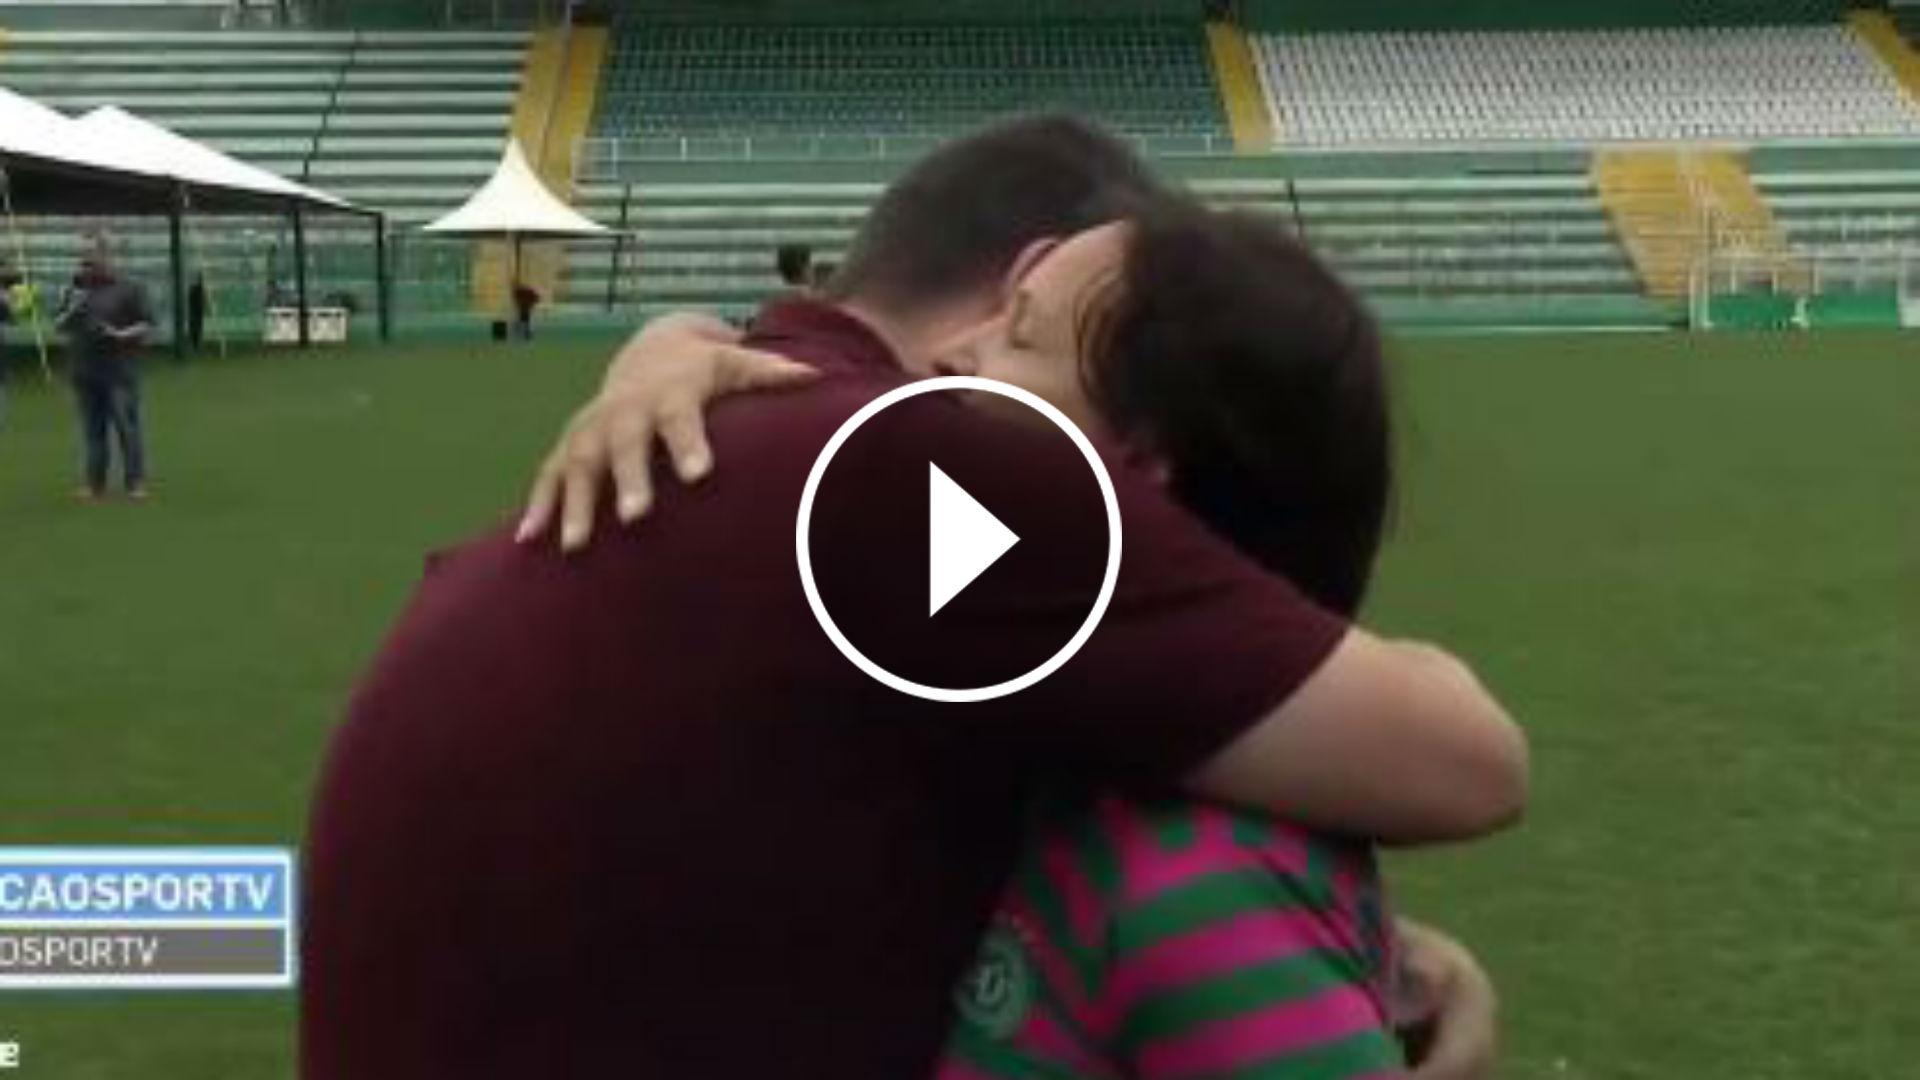 Estremecedor abrazo de madre de fallecido en Chapecoense a periodista